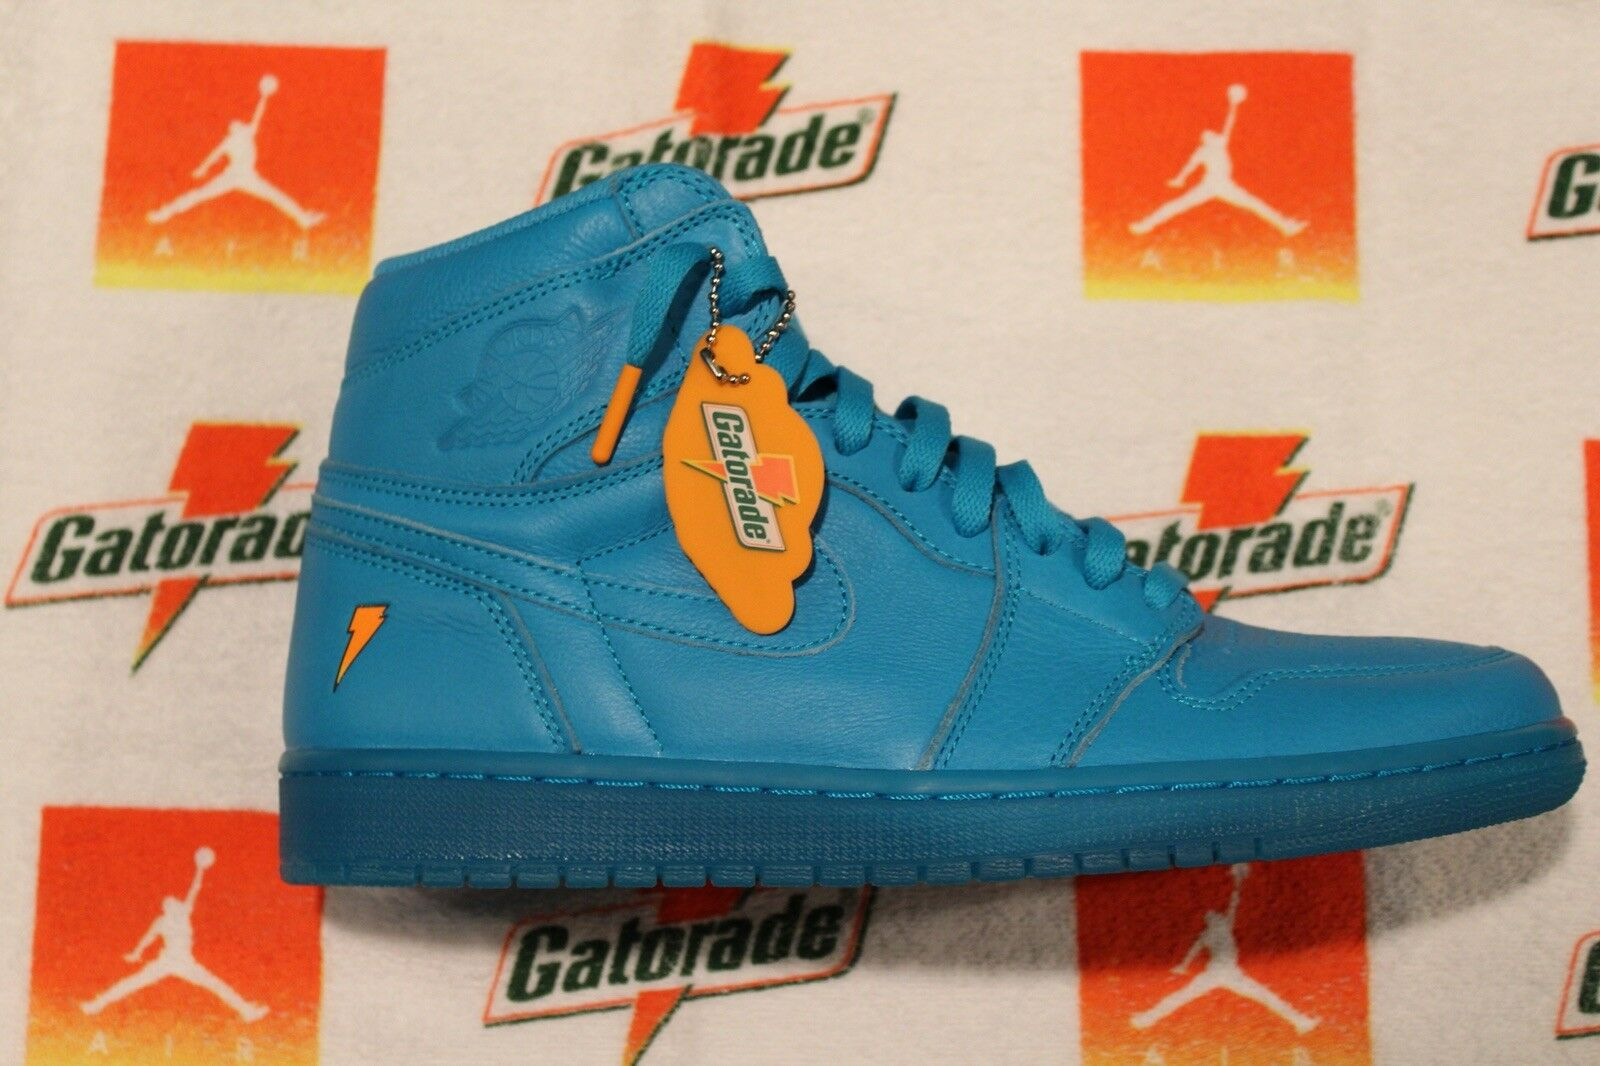 Nike air jordan 1 retro - hohe og gatorade cool Blau